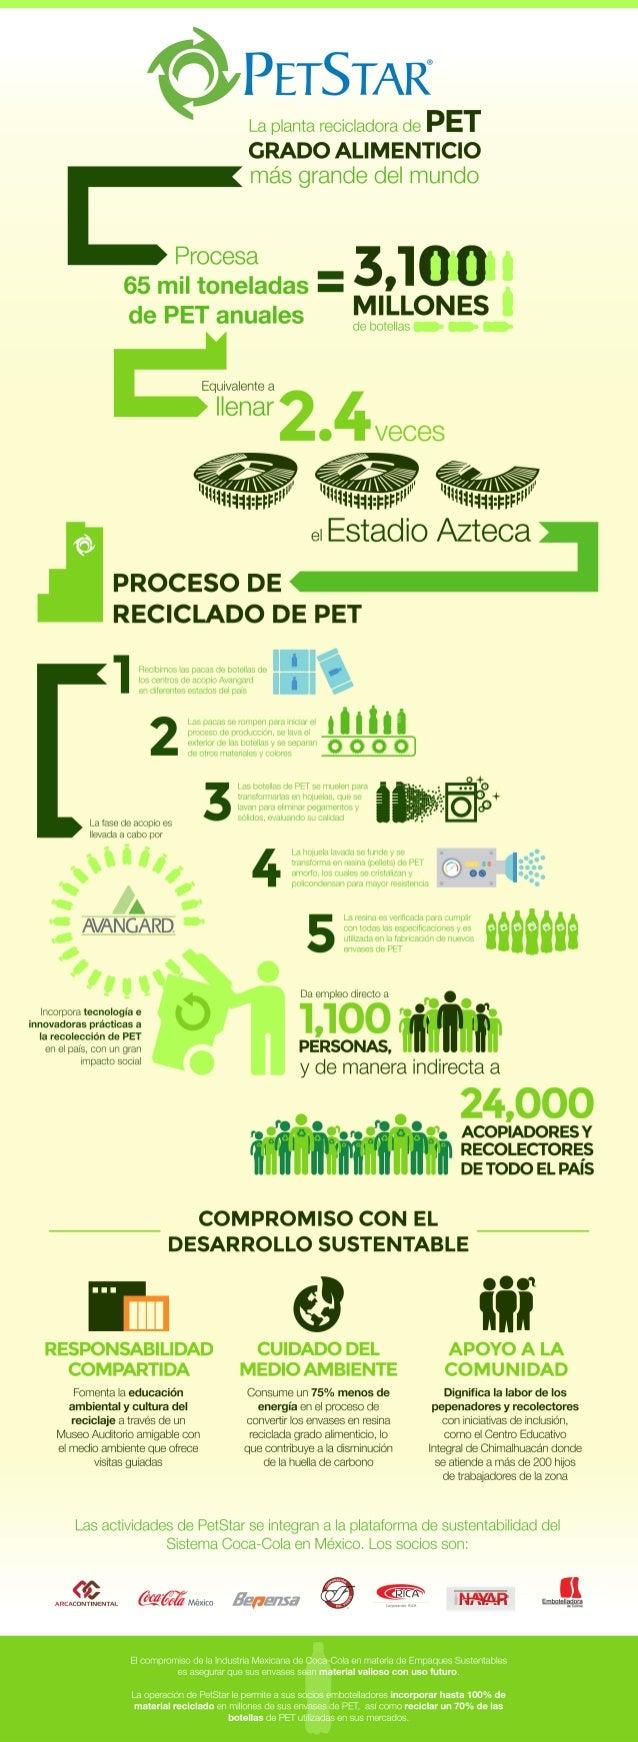 Coca-Cola de México- Planta recicladora PetStar